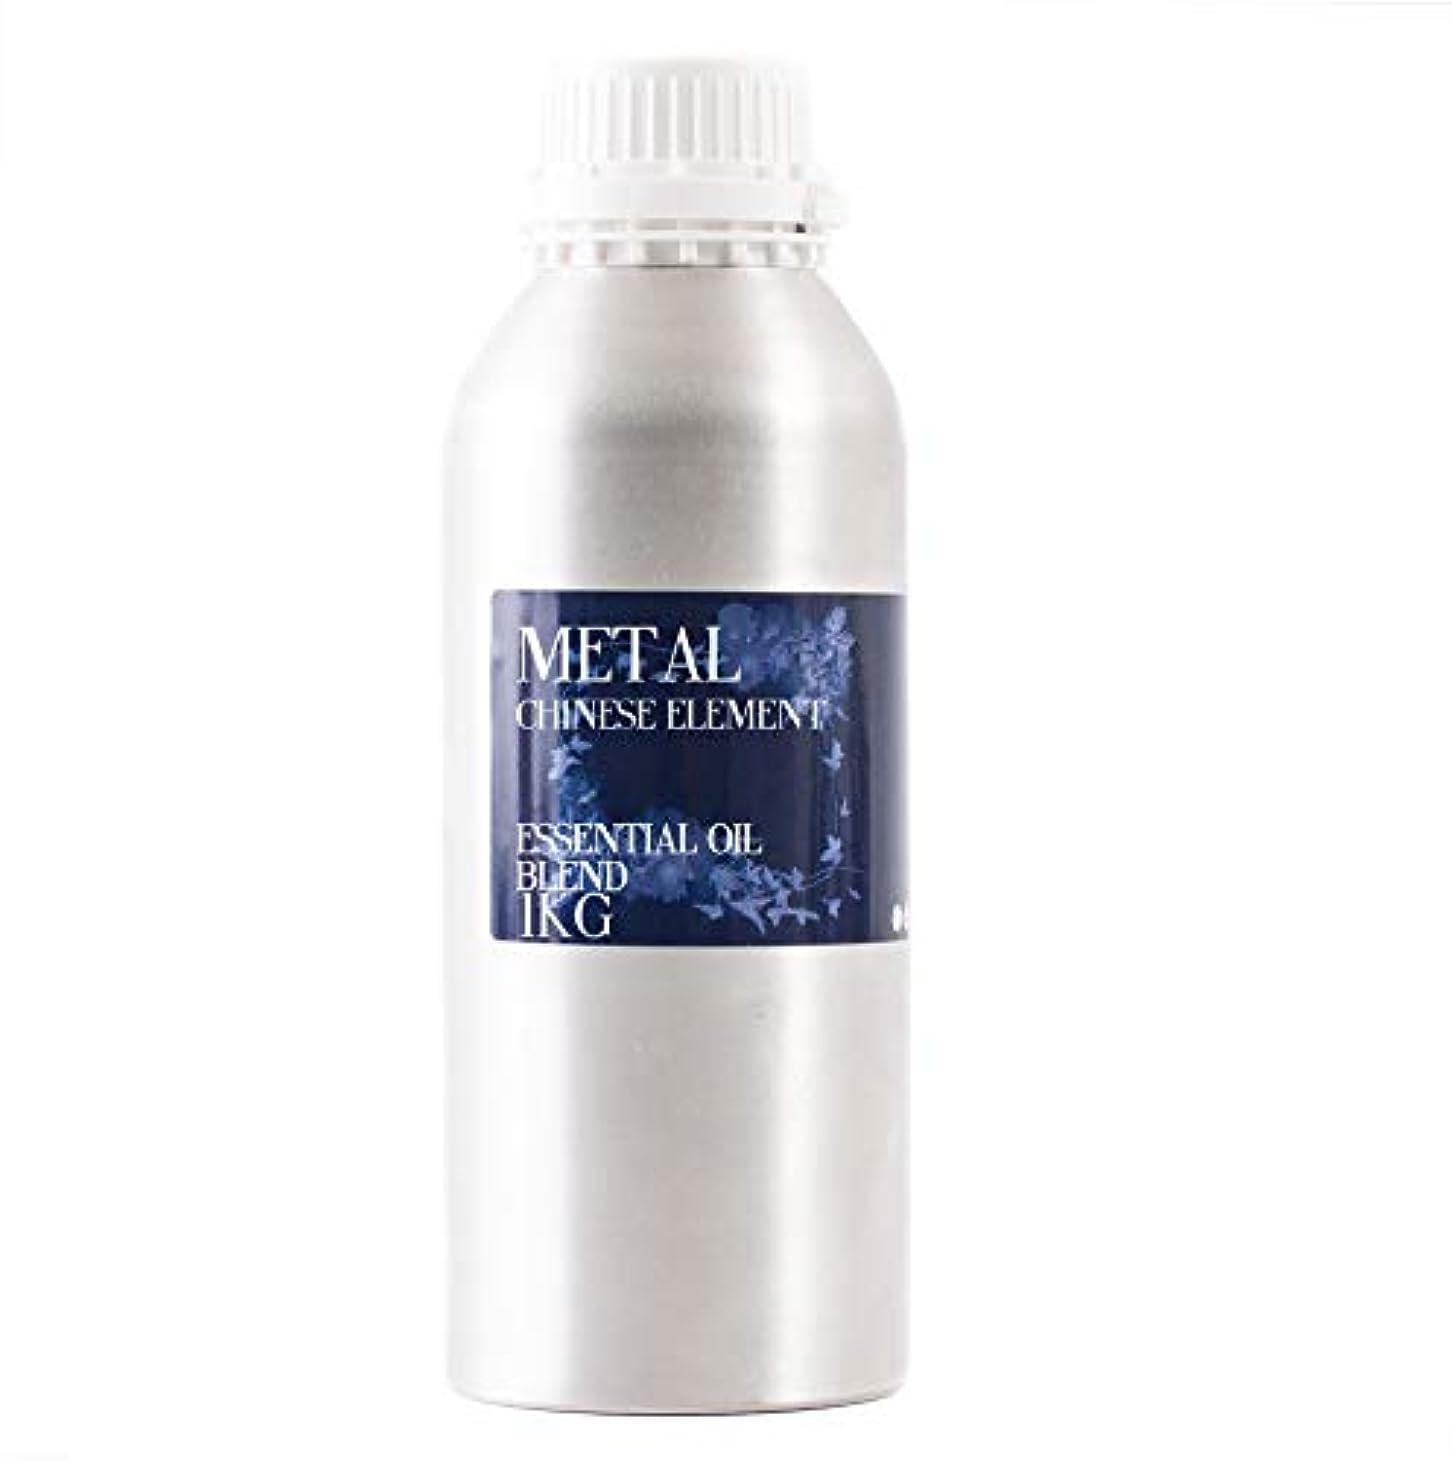 相続人解放モザイクMystix London | Chinese Metal Element Essential Oil Blend - 1Kg